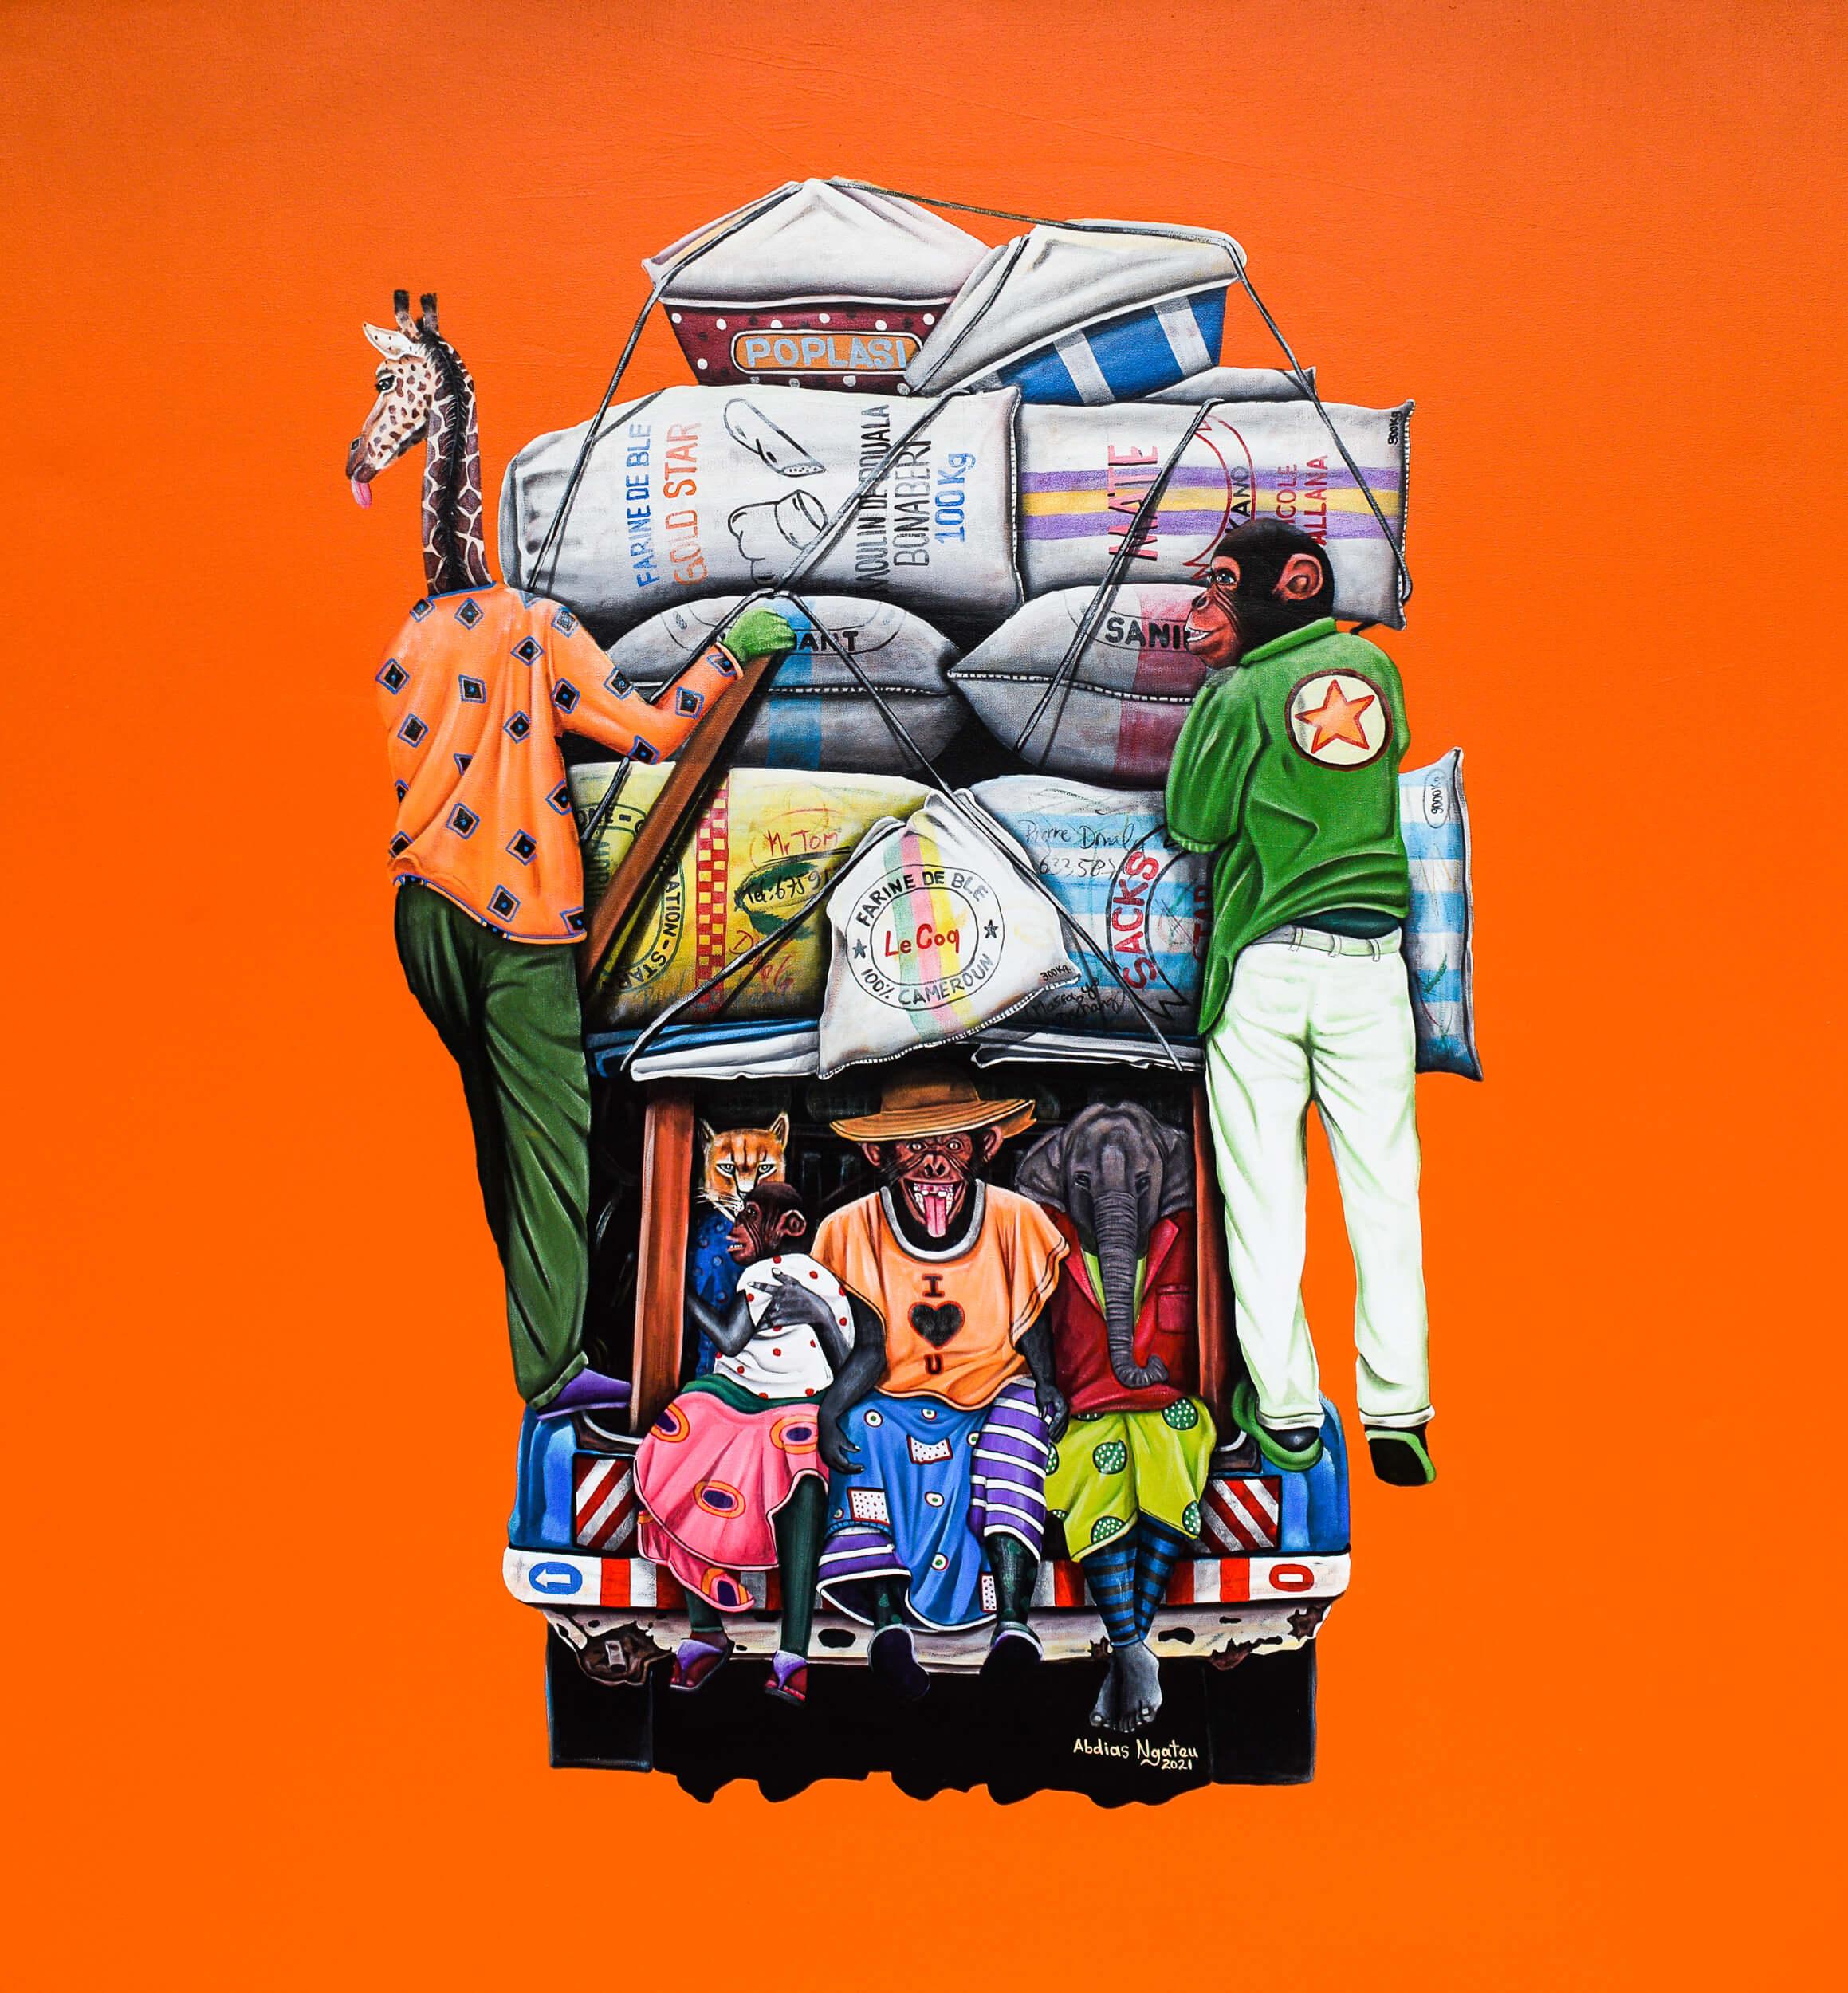 artsy-ABDIAS NGATEU_l'Opep 2_acryliques sur toile_150 x 140 cm_2021-Modifier-2103